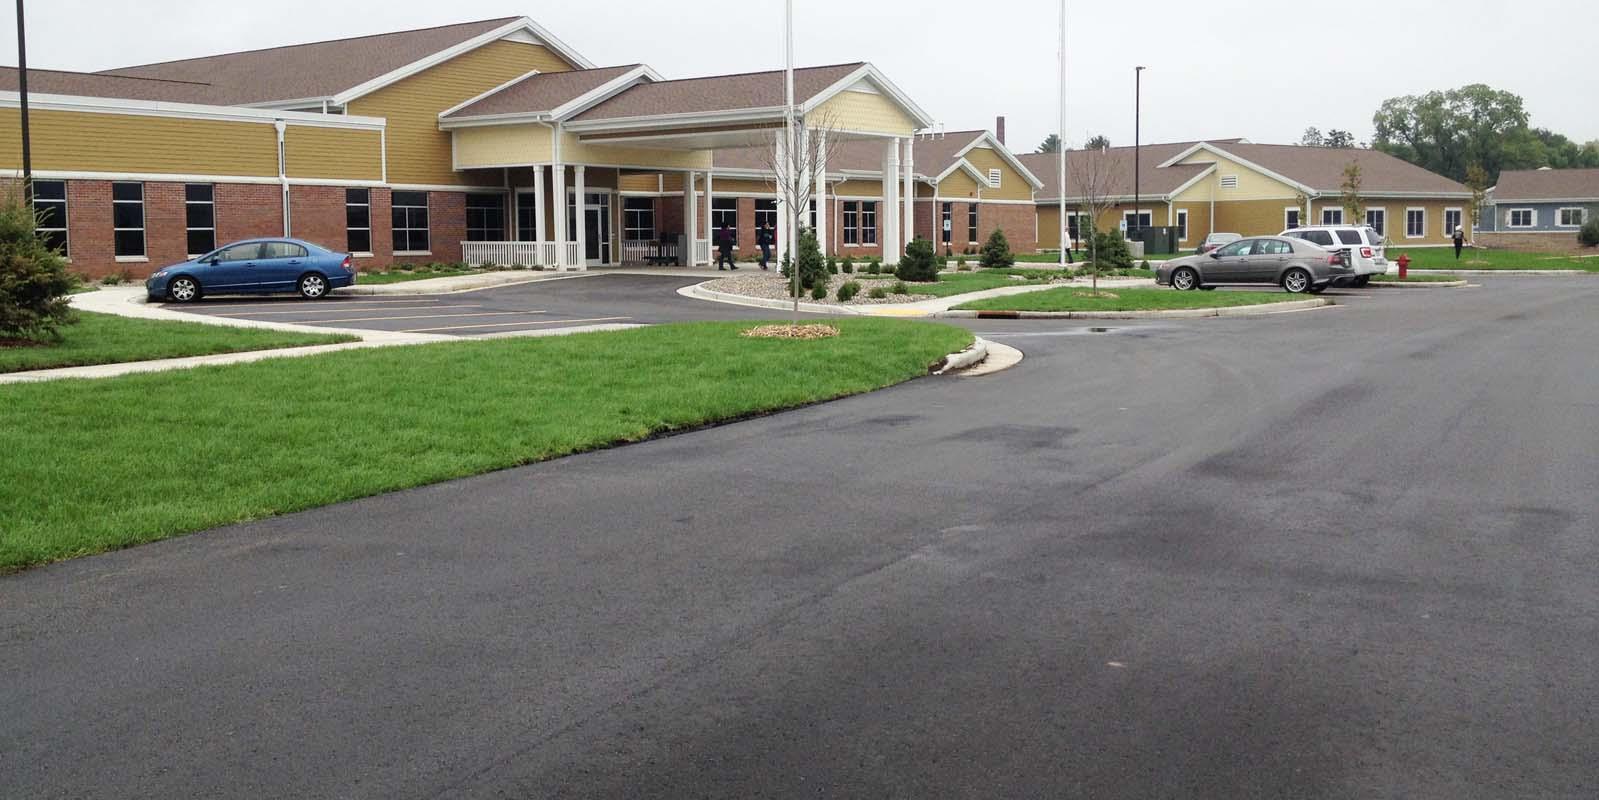 Dunn Co healthcare photo 1